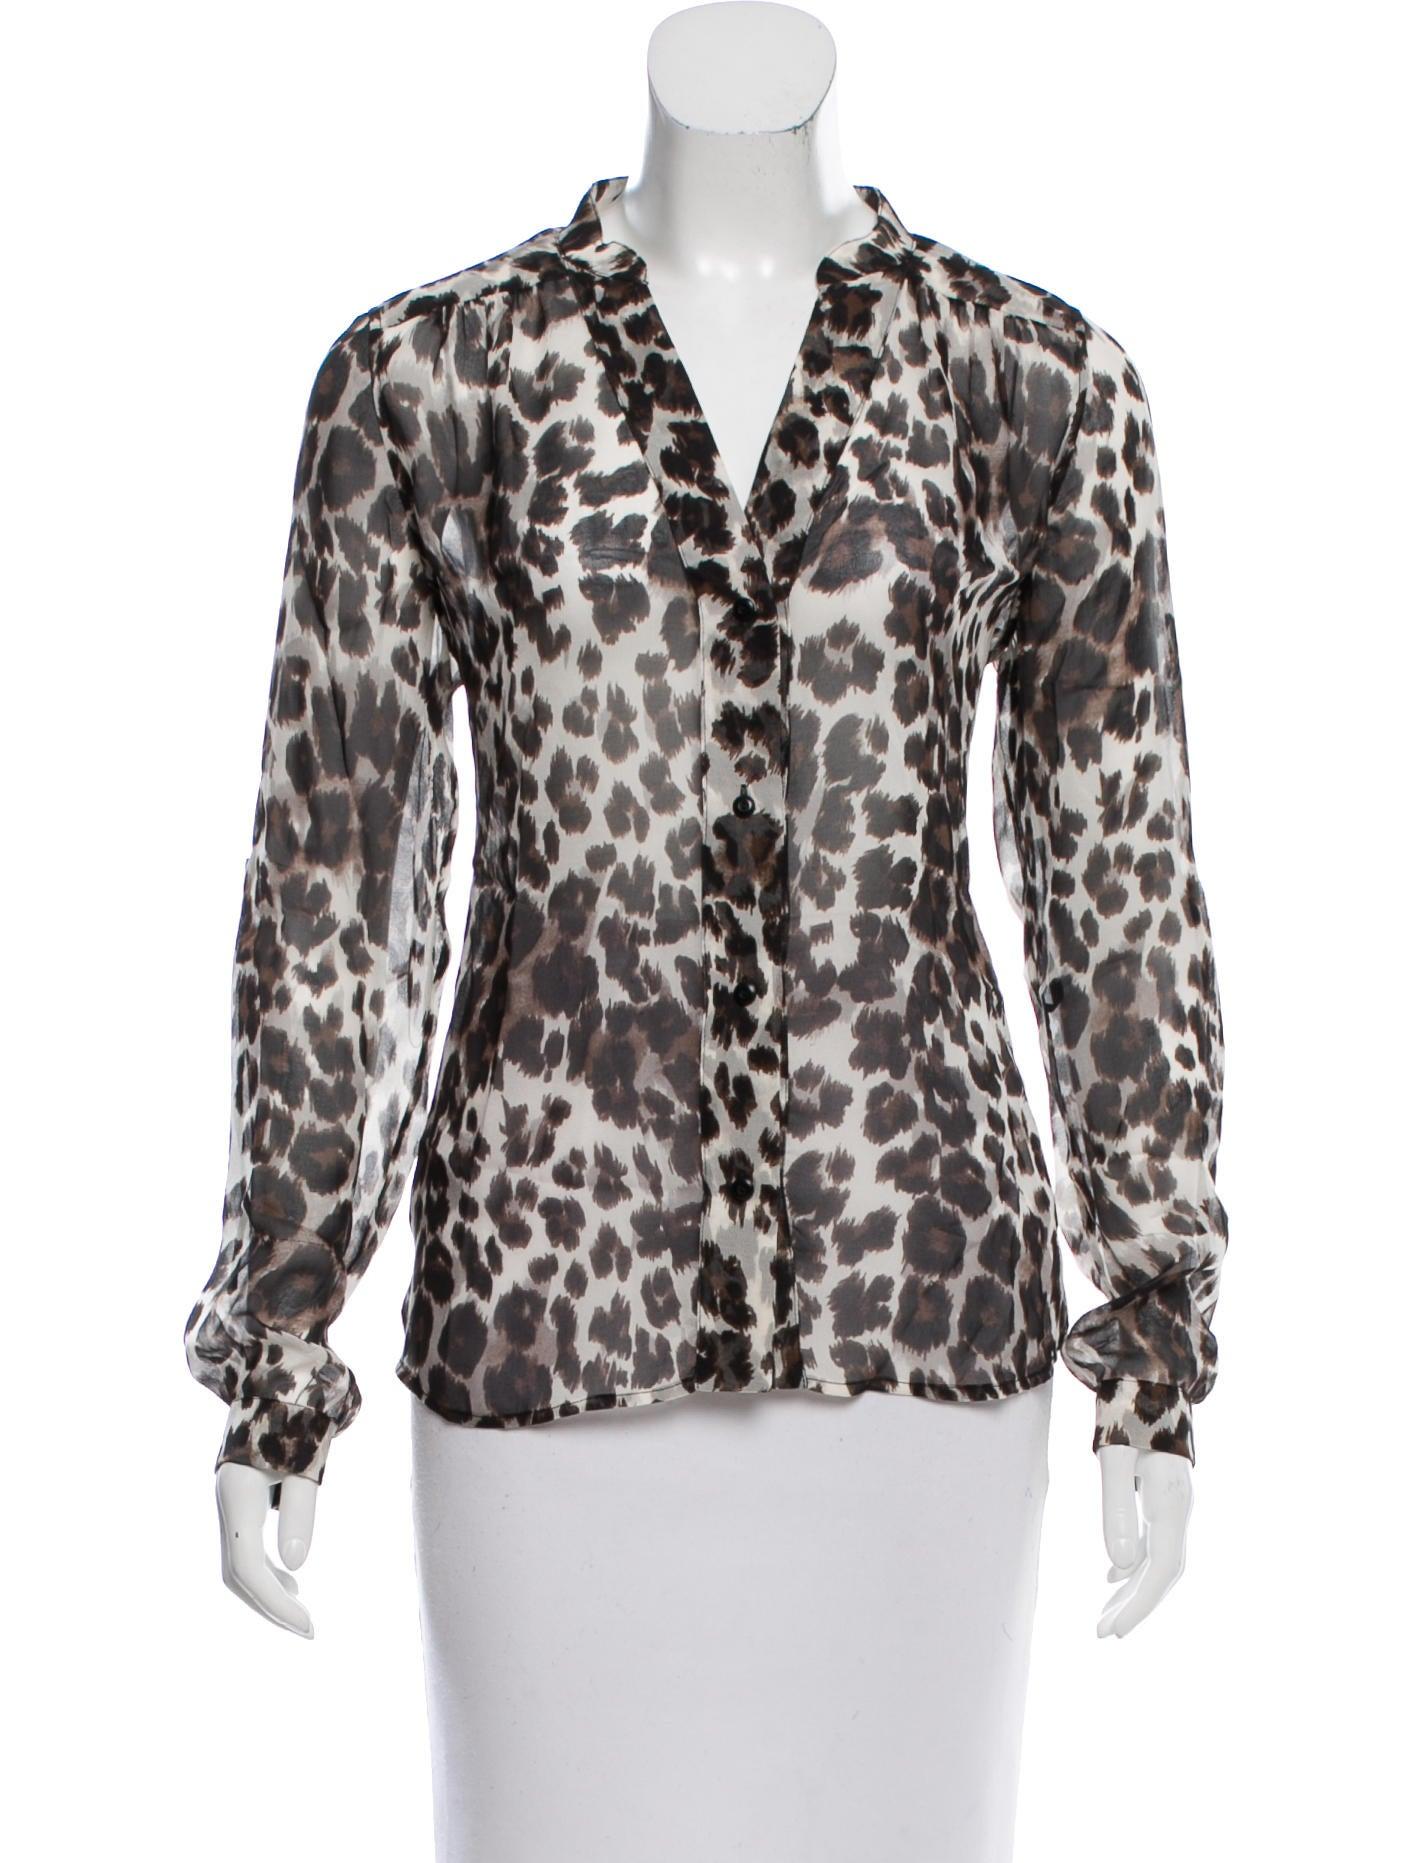 Diane von furstenberg leopard silk blouse clothing for Diane von furstenberg shirt